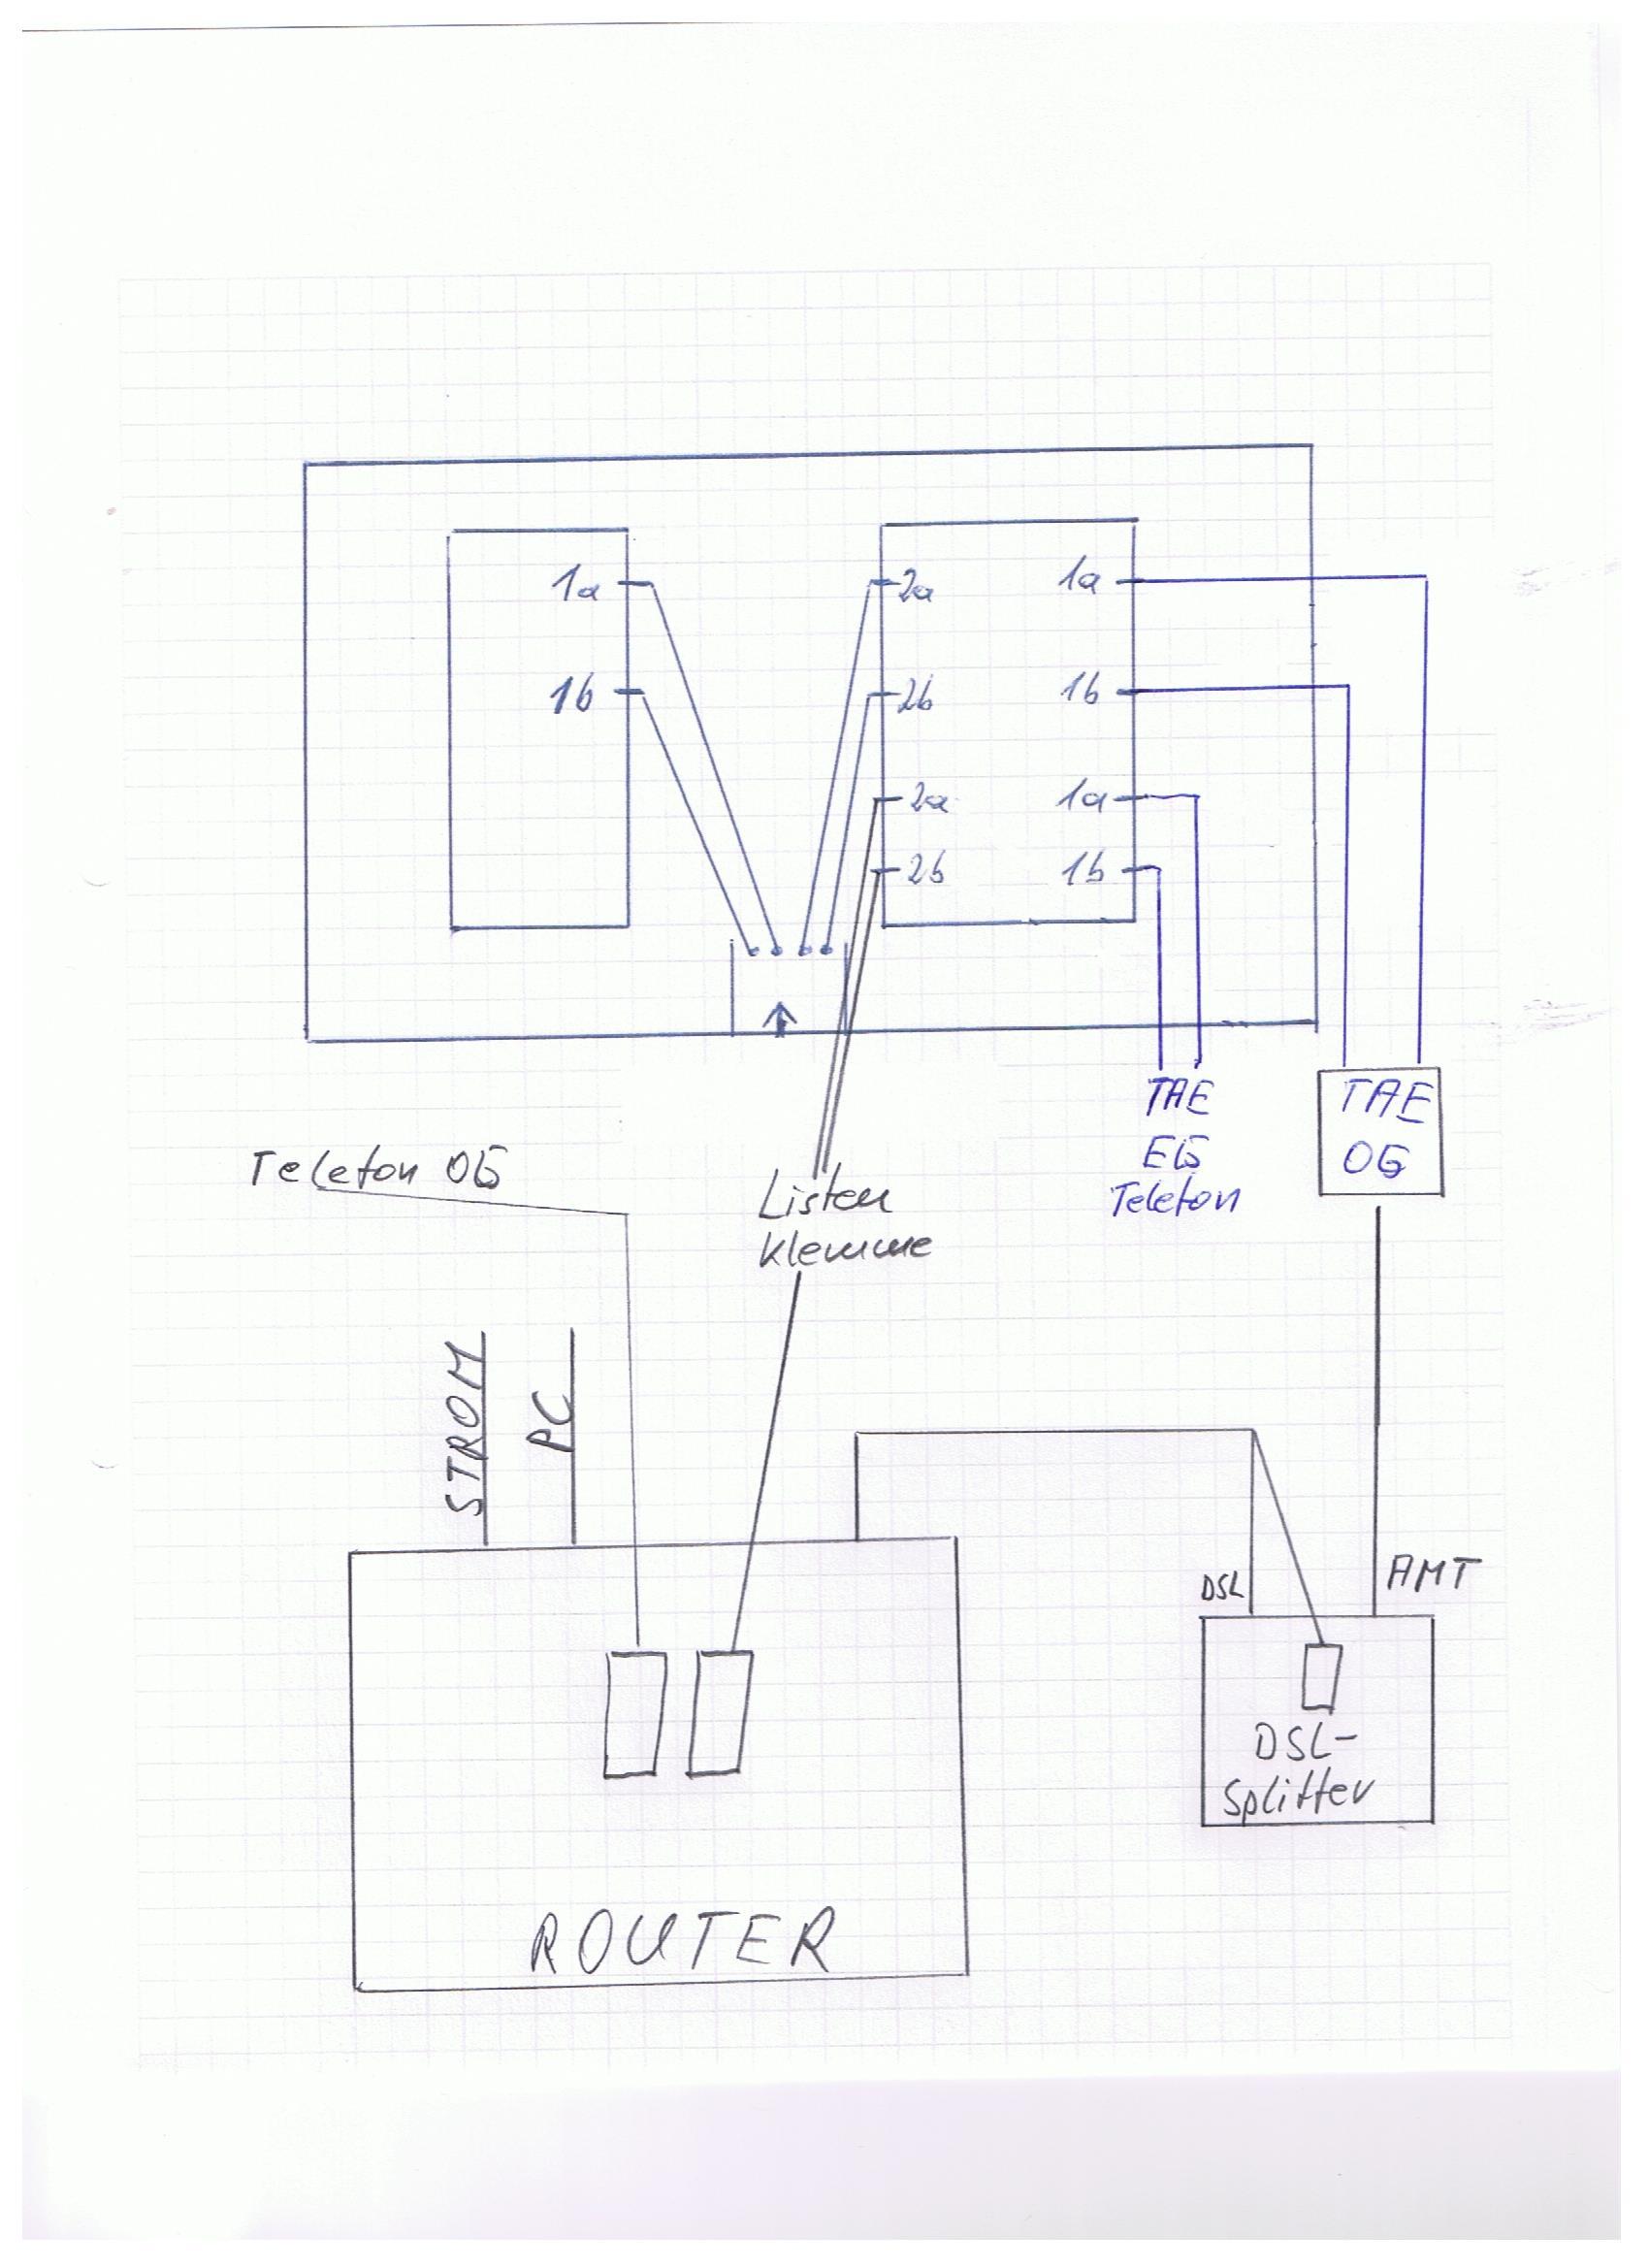 Wunderbar Dsl Schaltplan Fotos - Die Besten Elektrischen Schaltplan ...